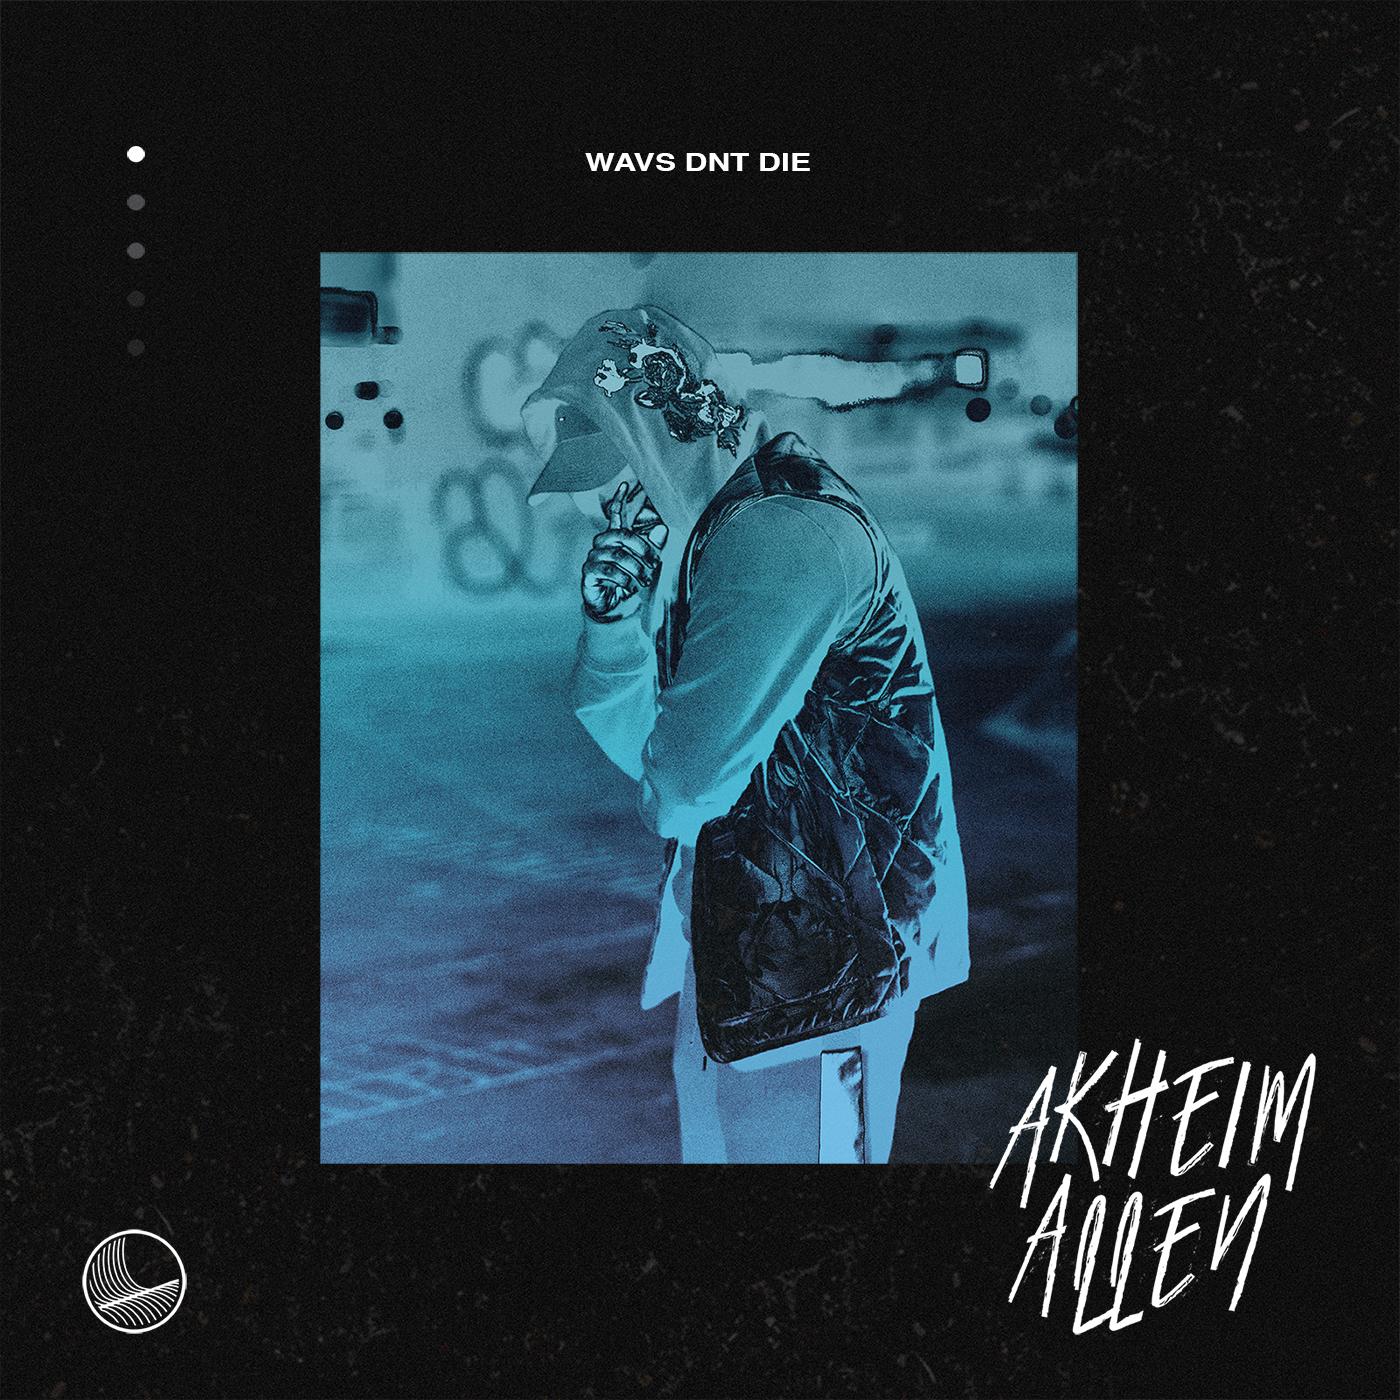 Akheim Allen - WavsDntDie 1600x1600